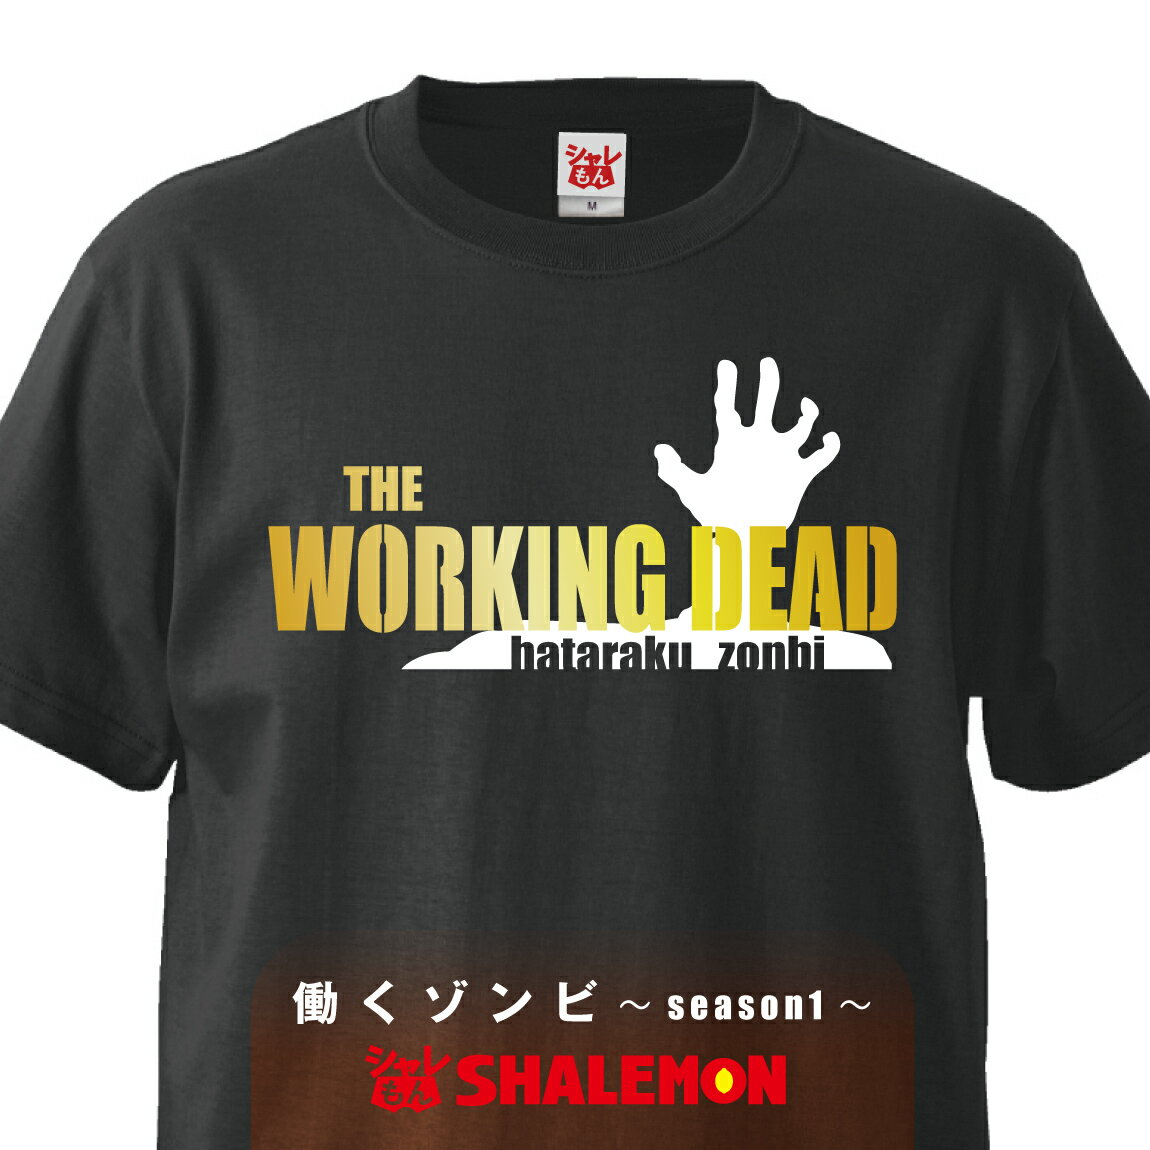 おもしろ Tシャツ プレゼント 雑貨【ワーキングデッド】働く ゾンビ パロディ【楽ギフ_包装】